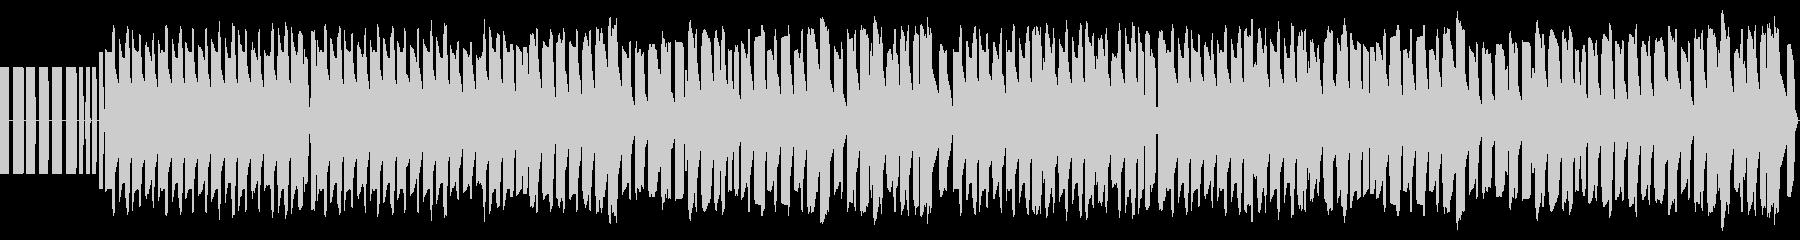 FC風音源による「ジングルベル」ですの未再生の波形